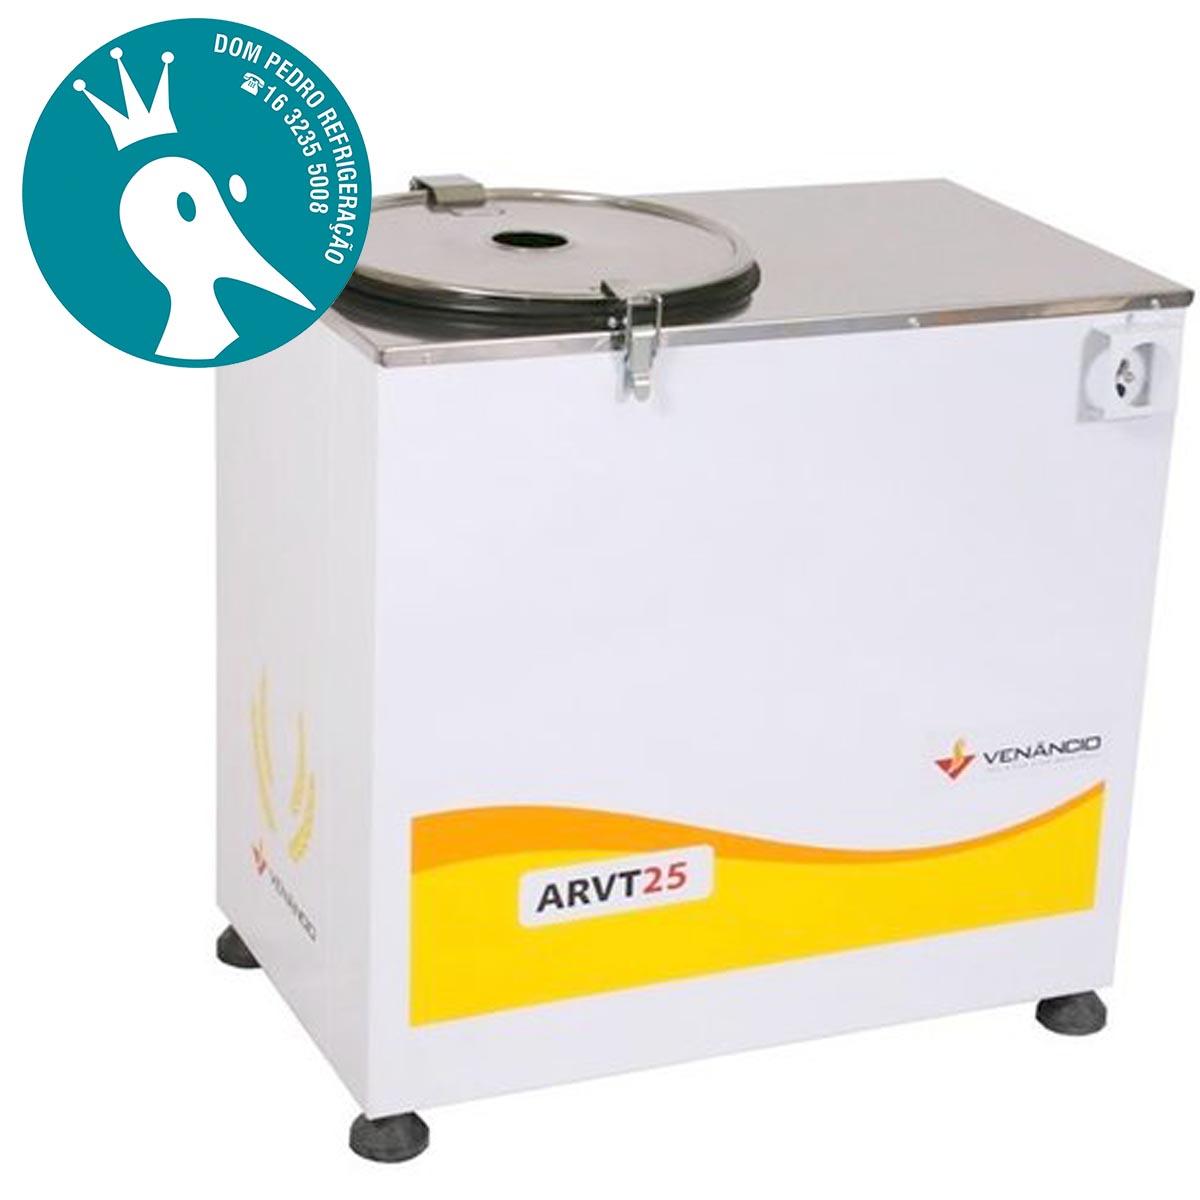 Amassadeira Rápida Venâncio 25 kg ARSVT25NR Trifásica